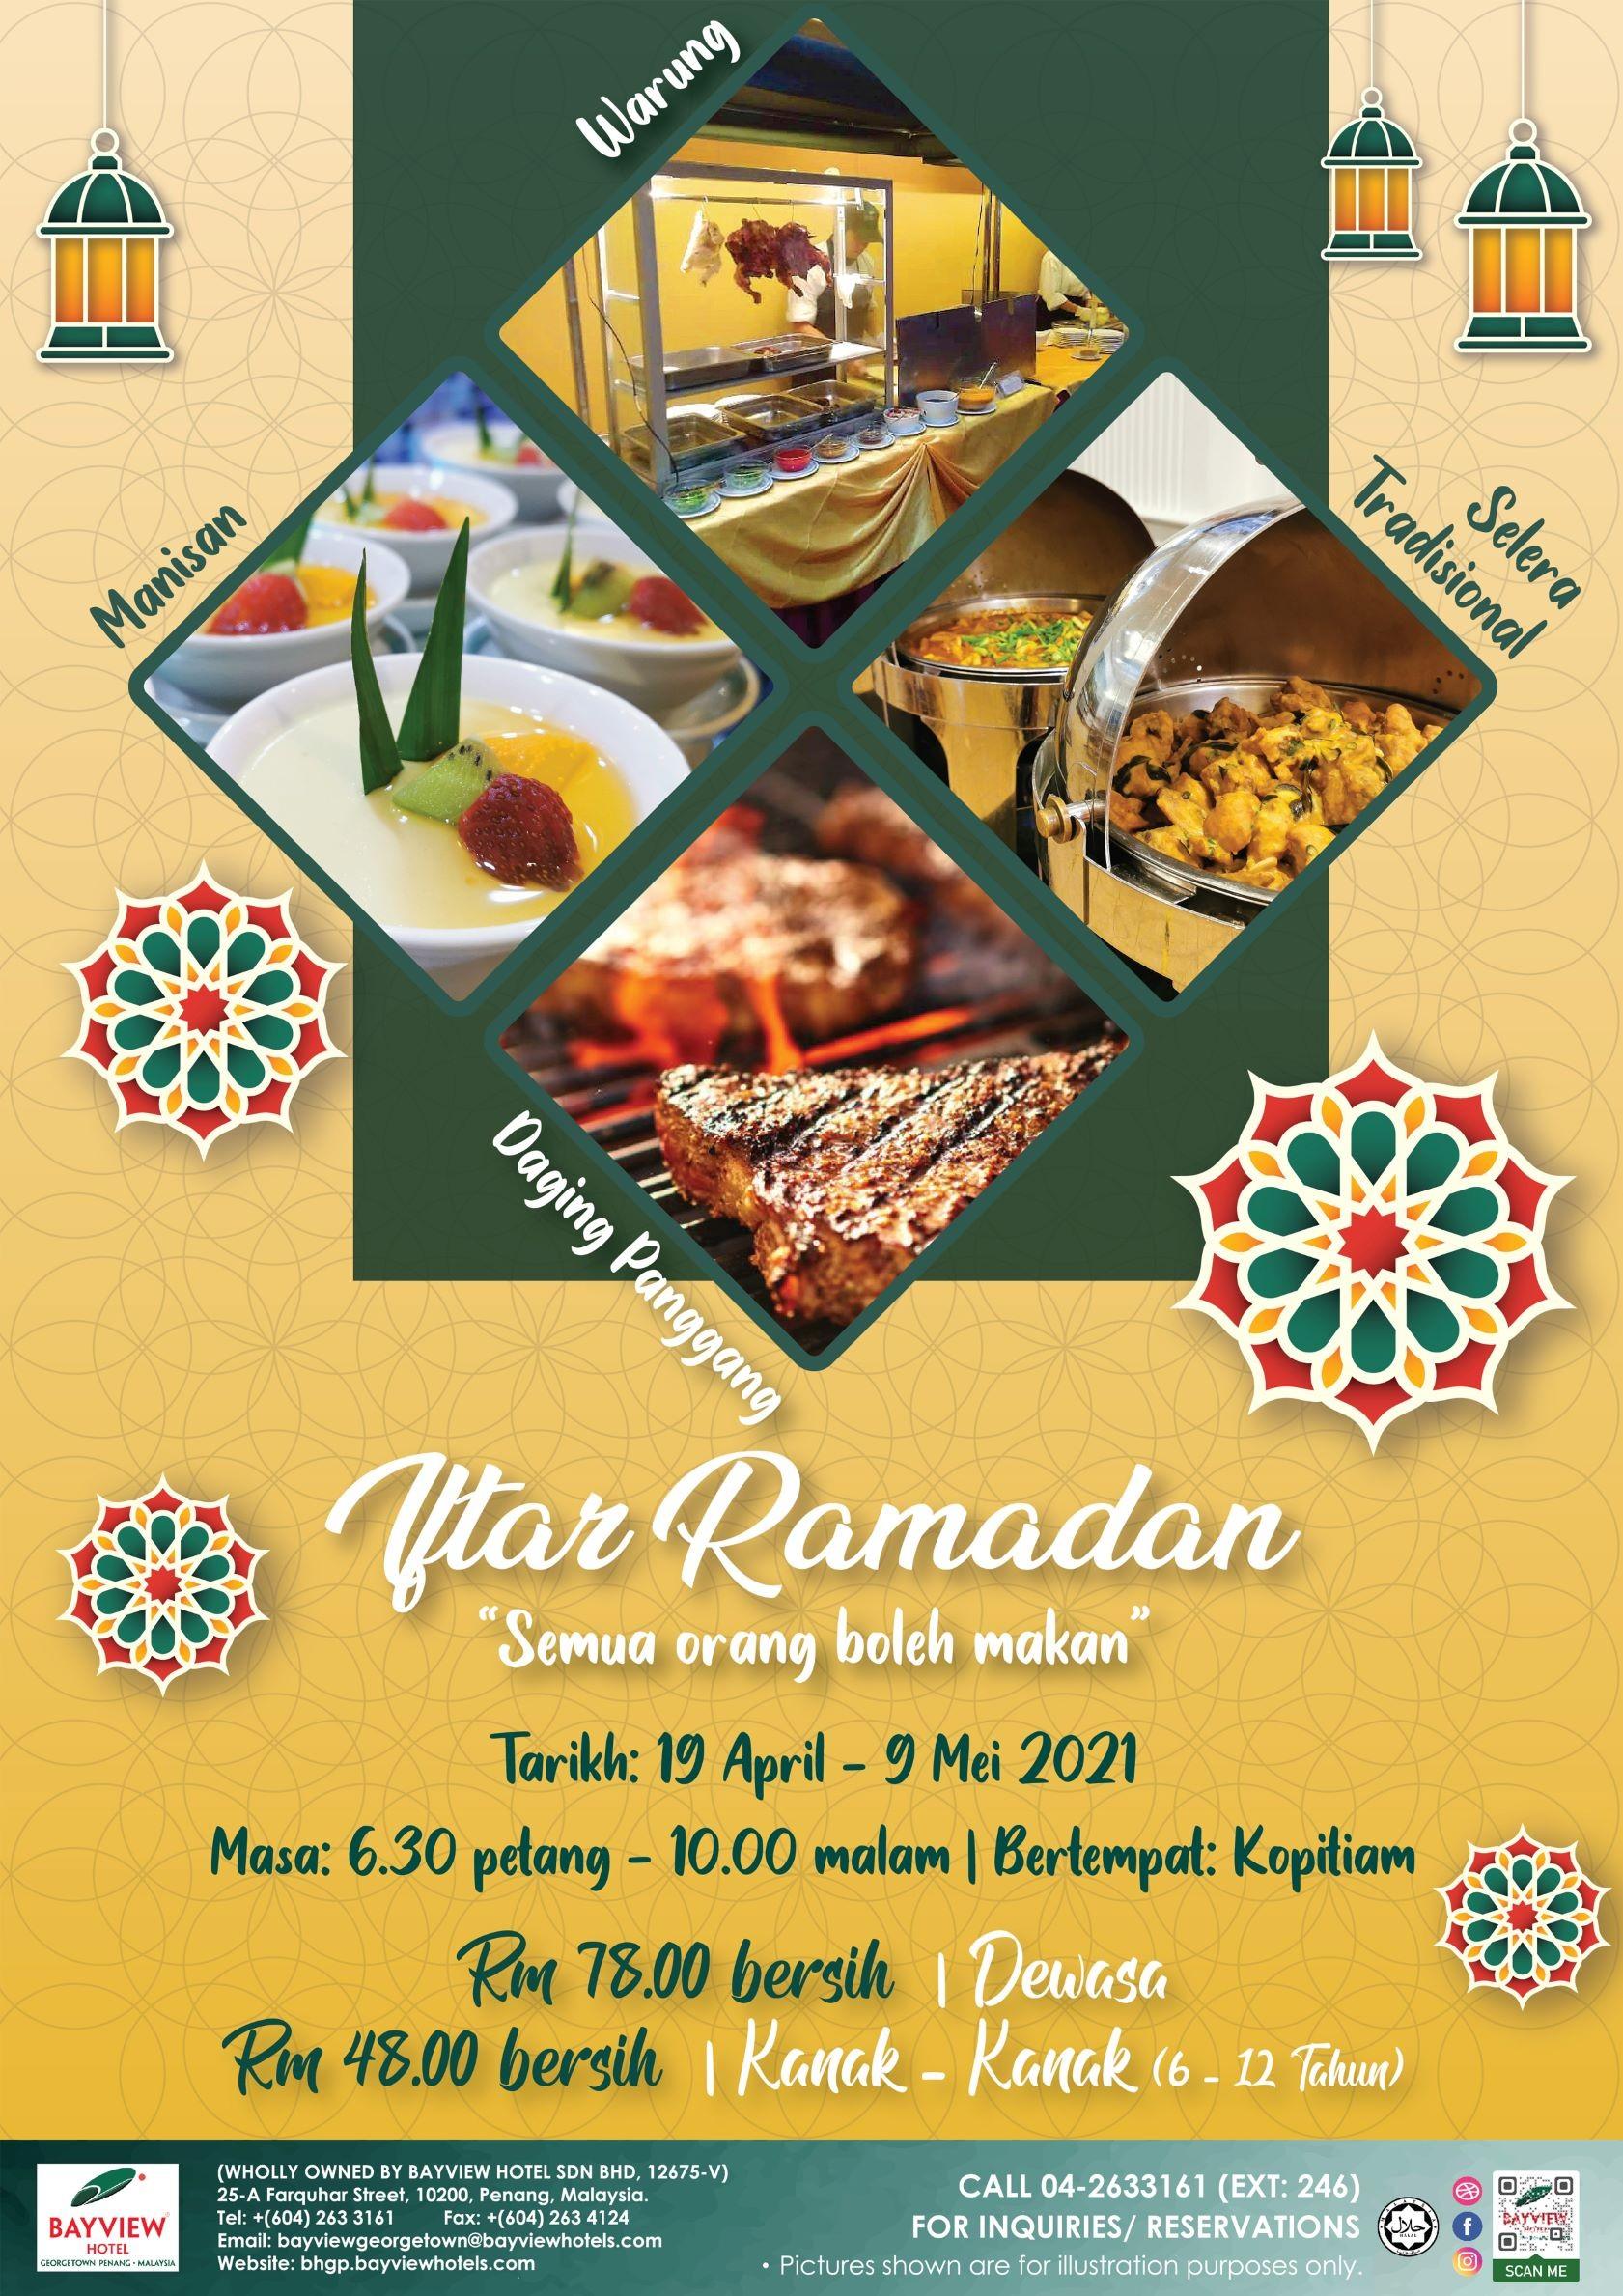 Iftar Ramadan Semua Orang Boleh Makan Bayview Hotel Georgetown